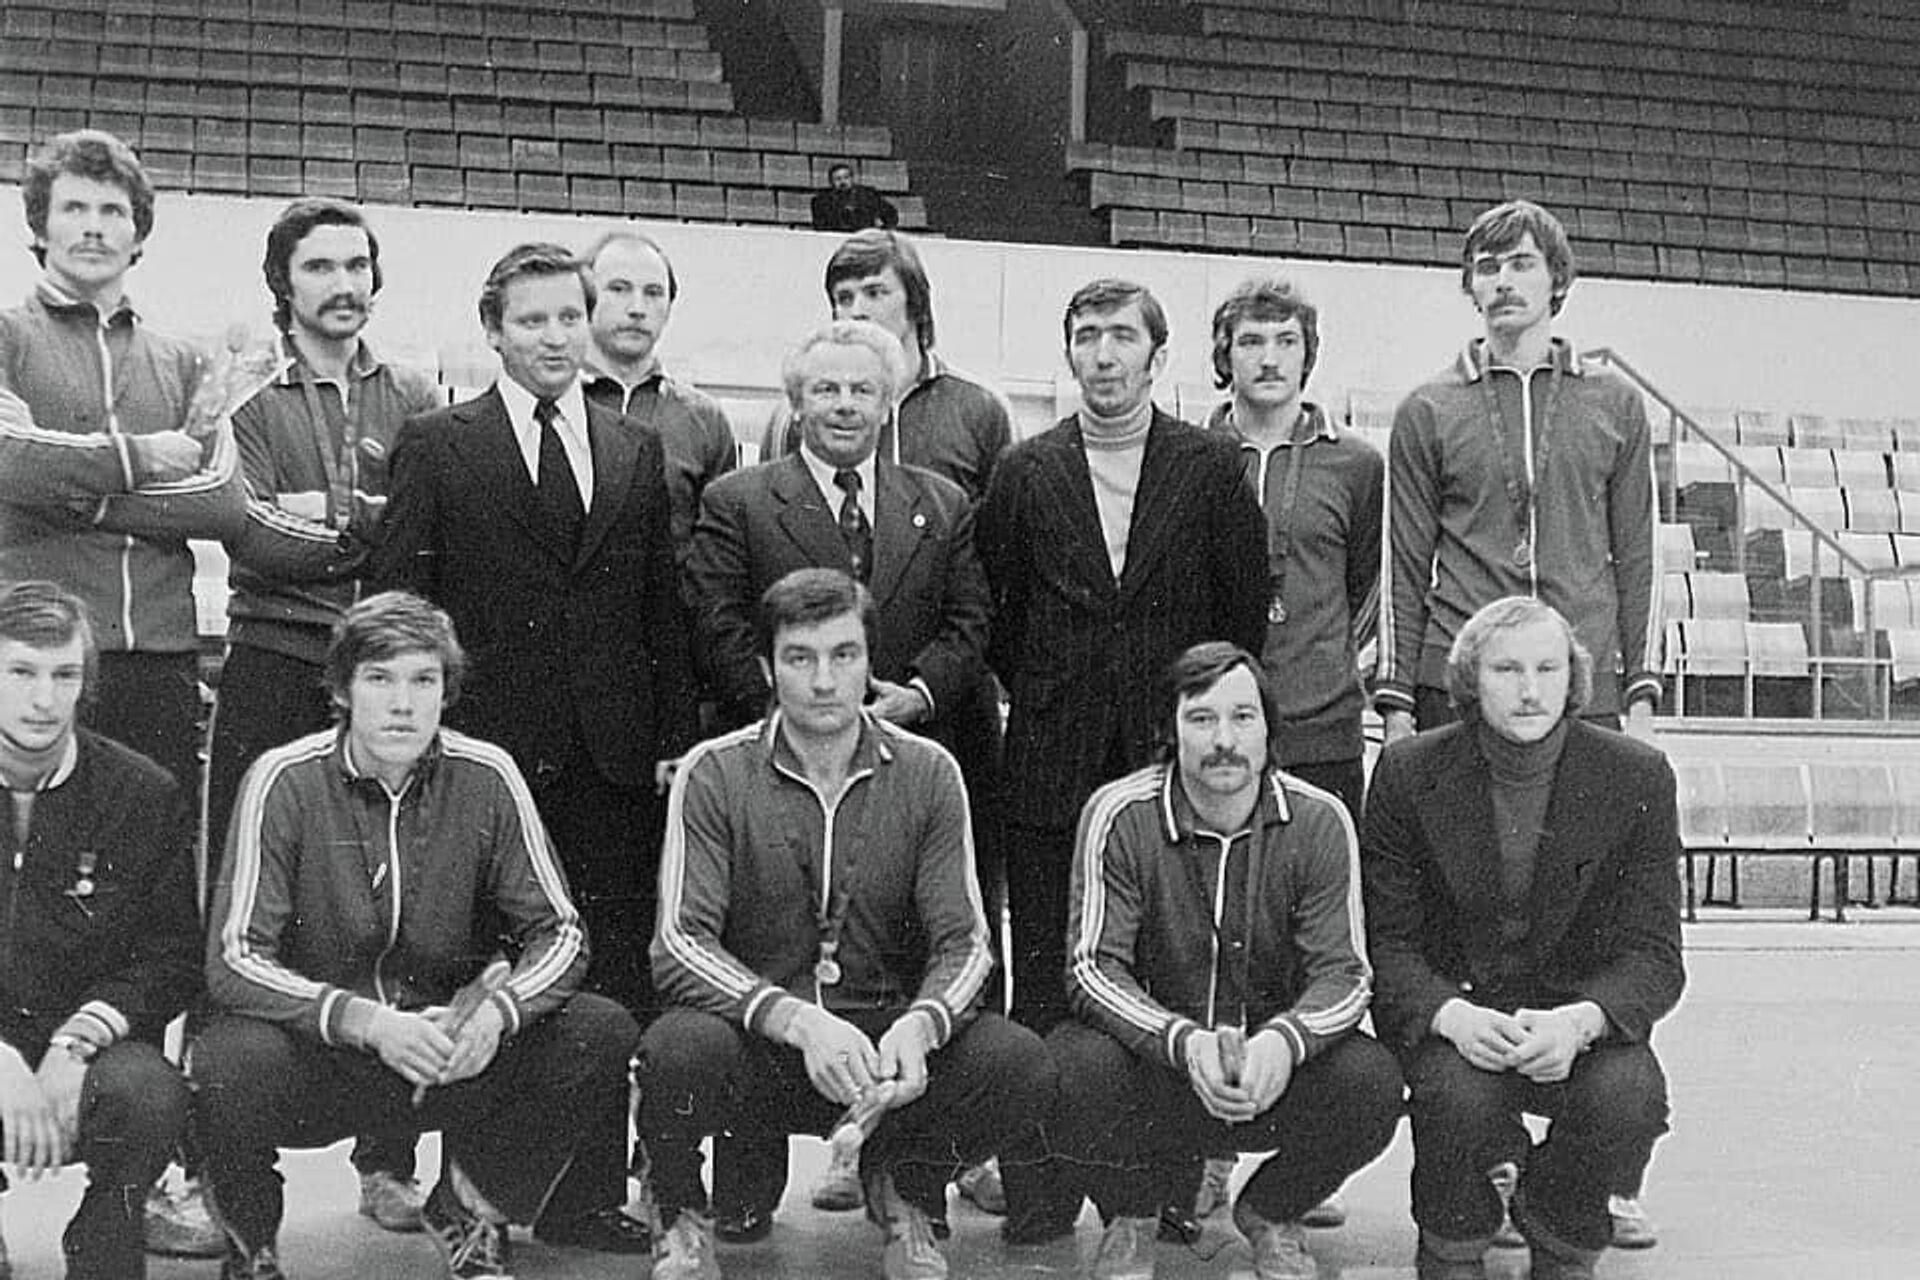 Сборная СССР по волейболу 1979 - РИА Новости, 1920, 18.09.2020